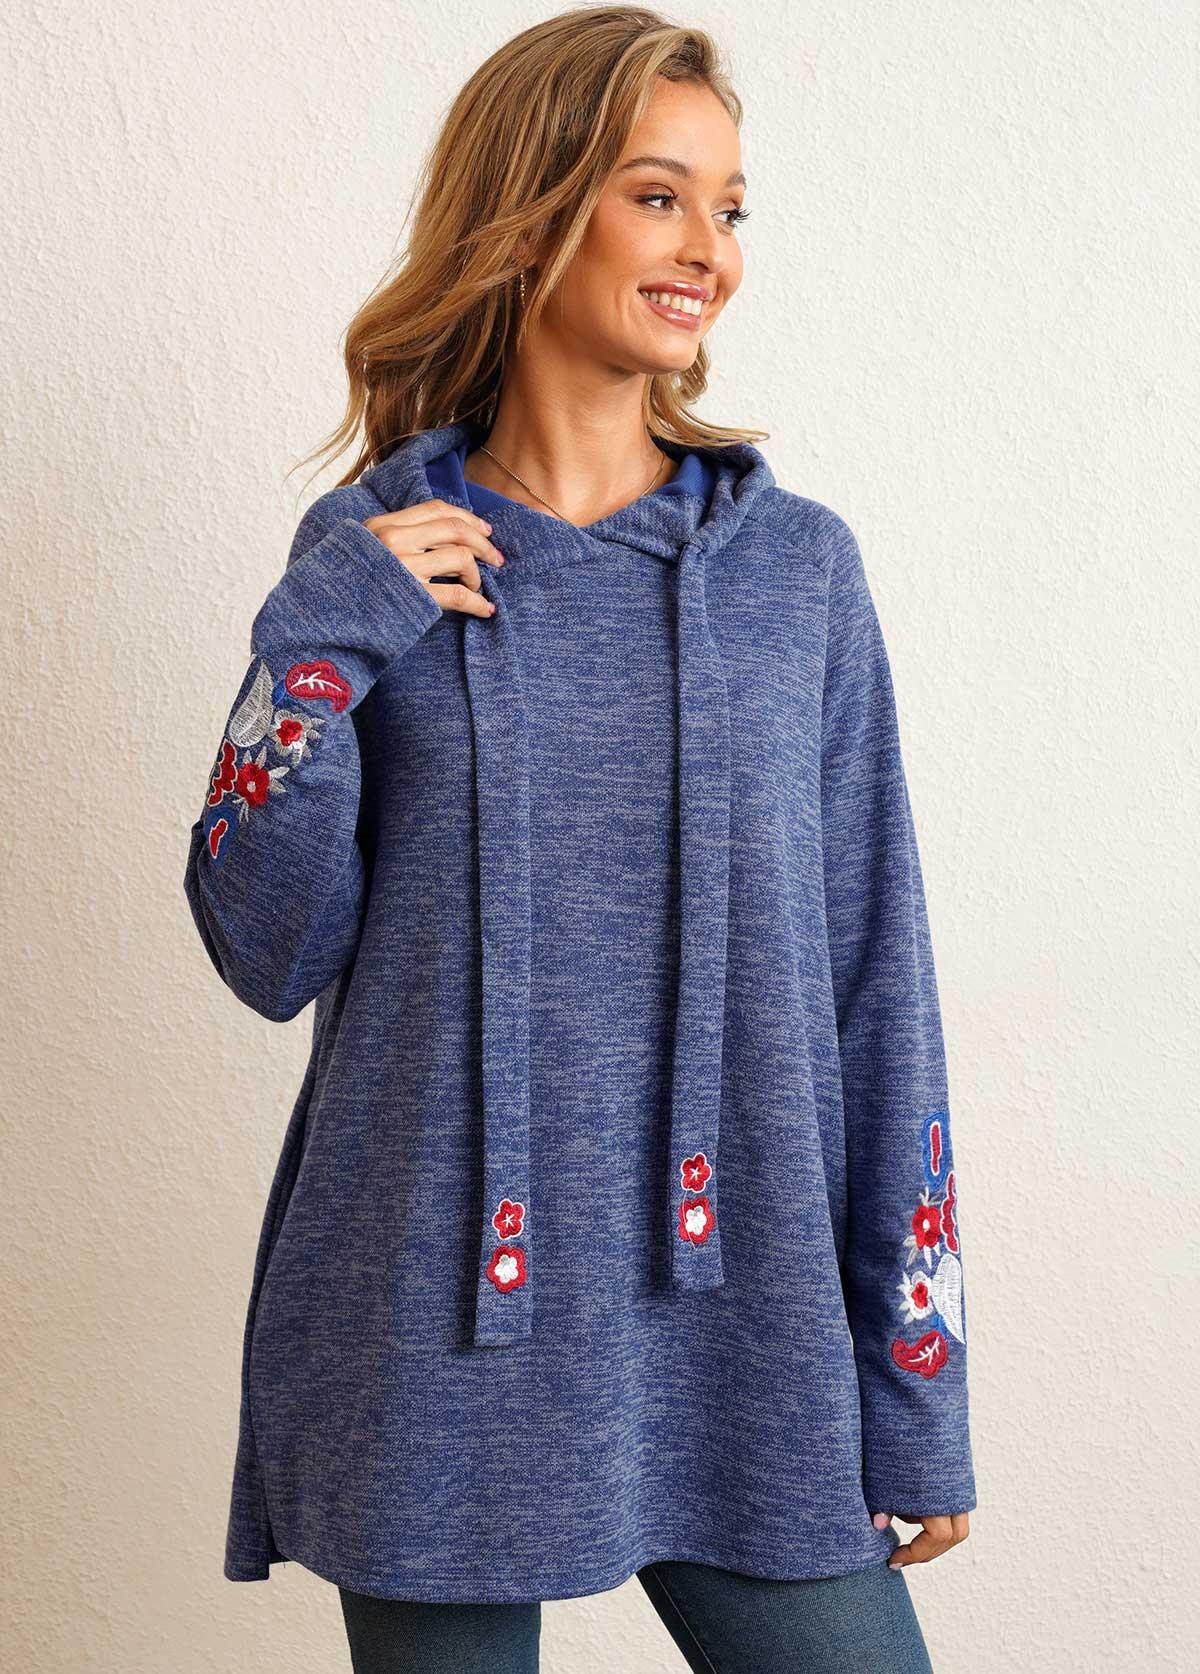 Embroidery Pocket Detail Long Sleeve Hoodie